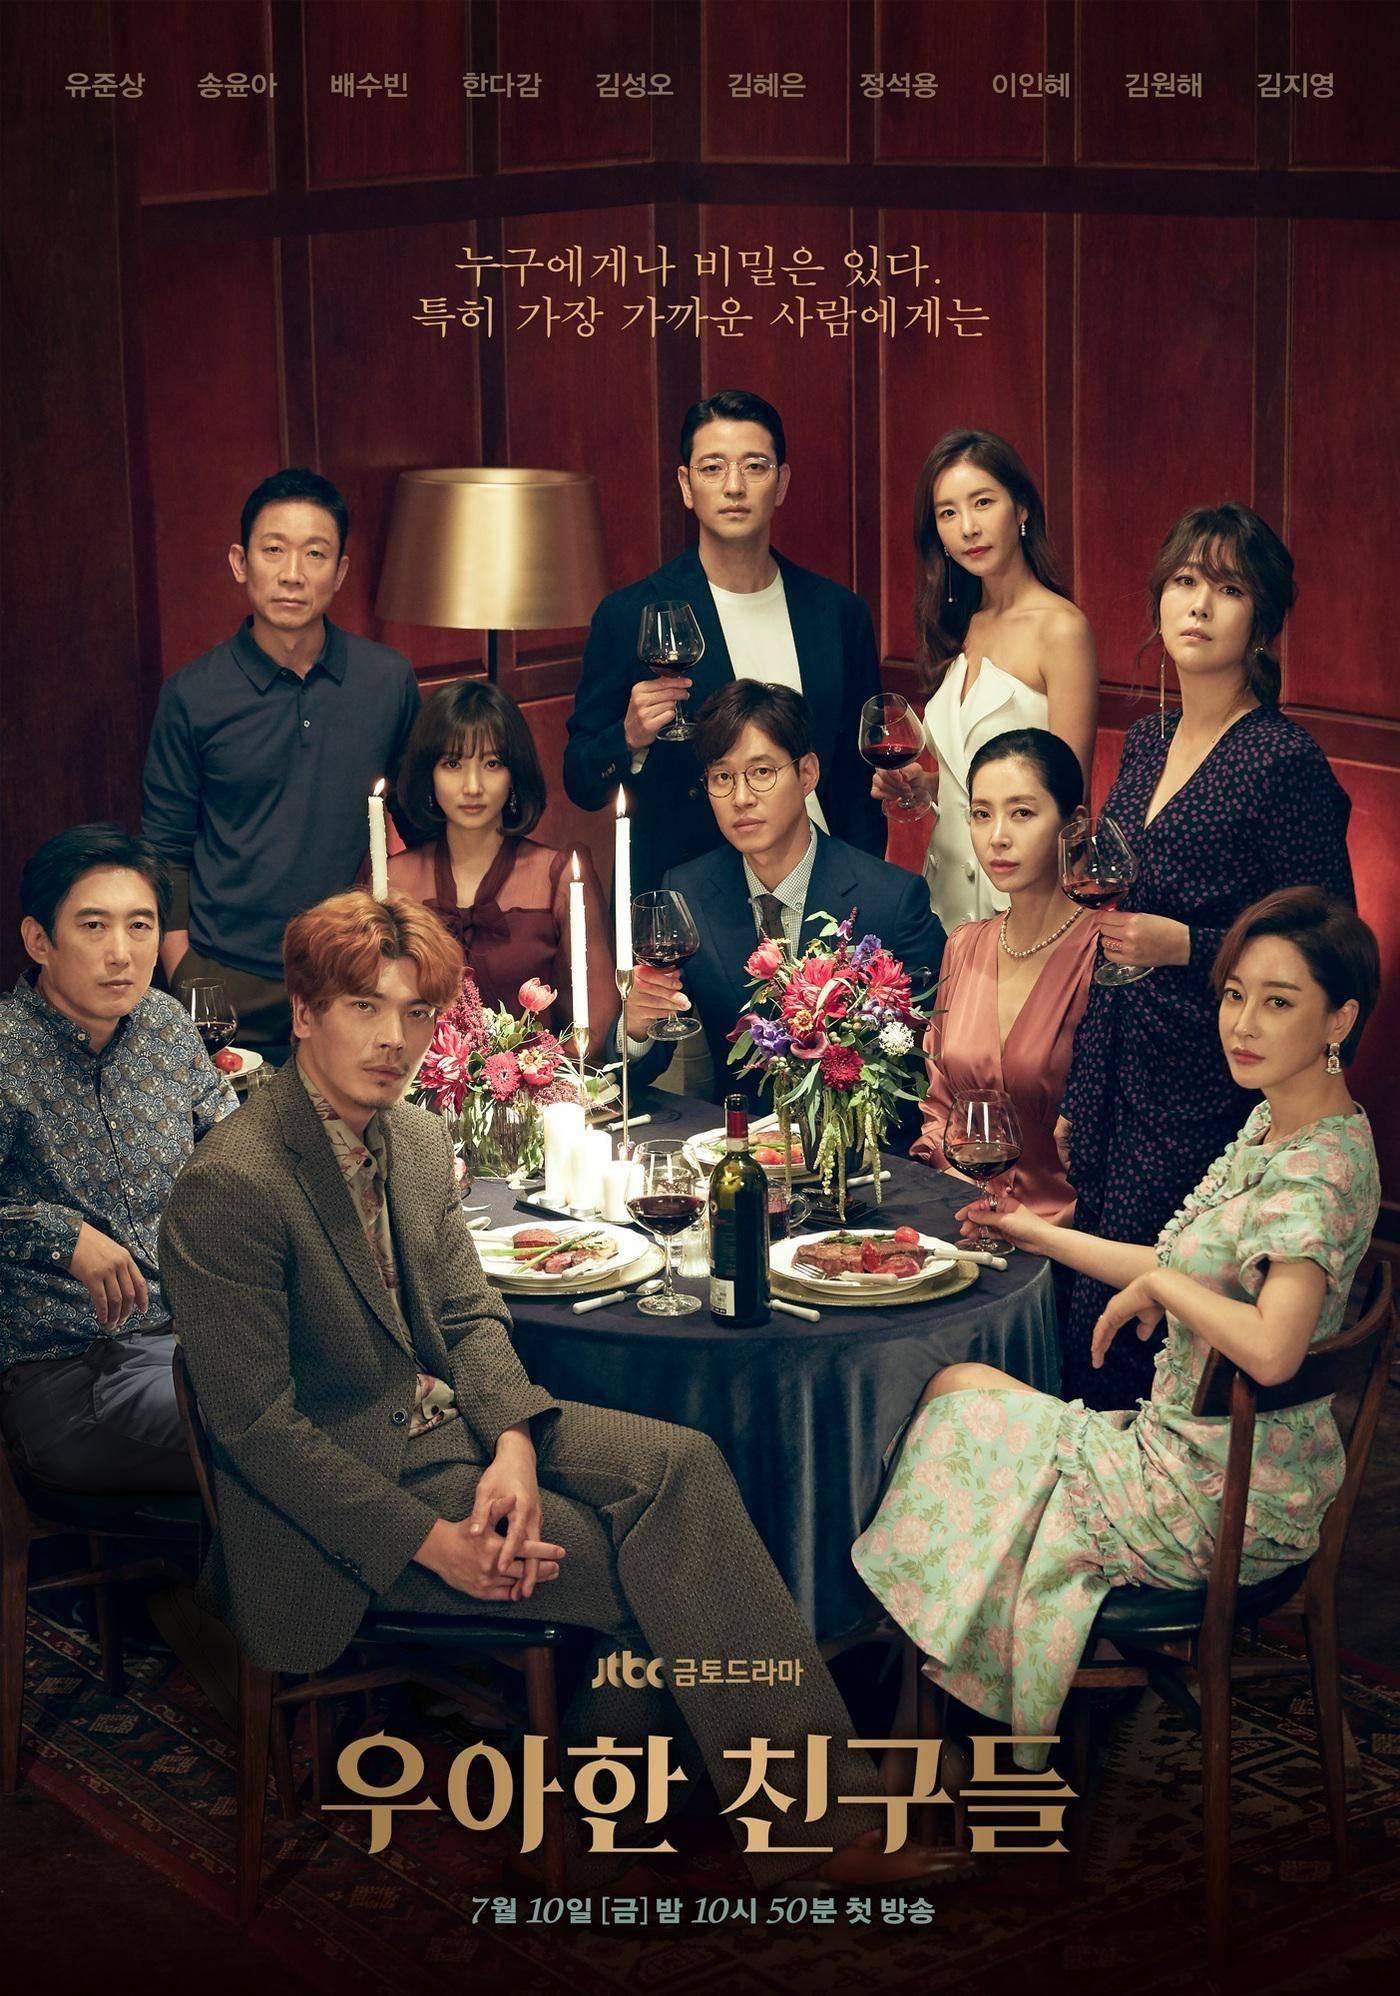 韩剧《优雅的朋友们》集数定为17集,呈